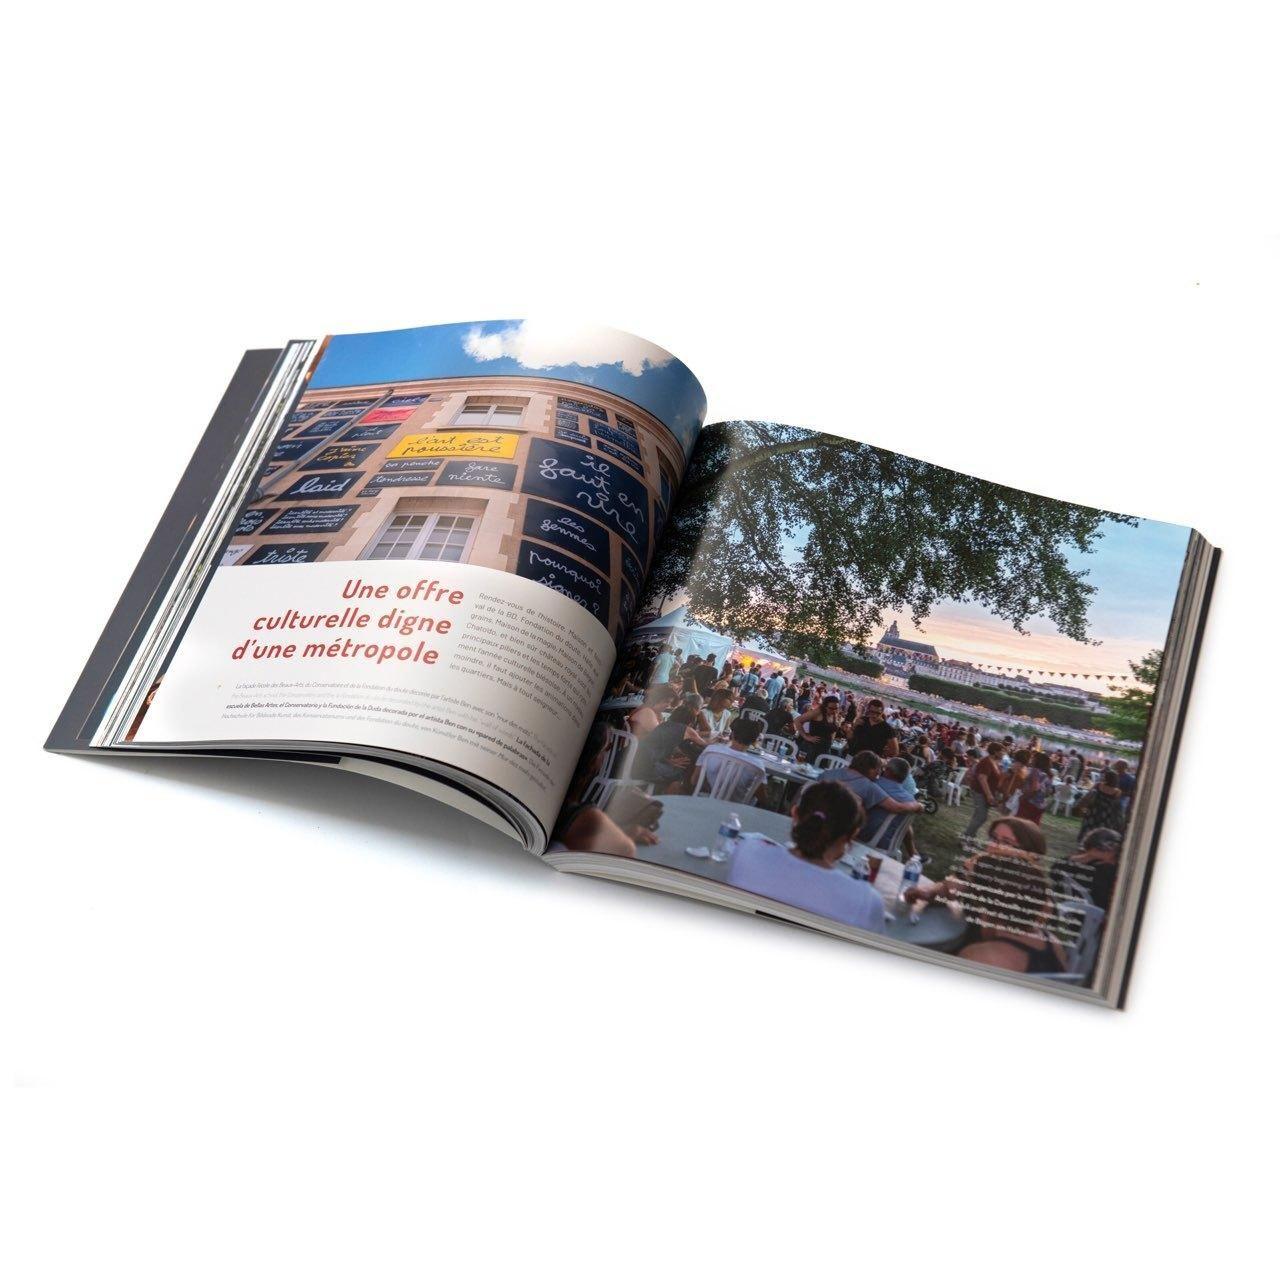 Le livre ouvert sur la rubrique «Une offre culturelle digne d'une métropole», avec comme photos le port de la Creusille pendant la Guinguette, et le Mur des mots de la Fondation du doute.